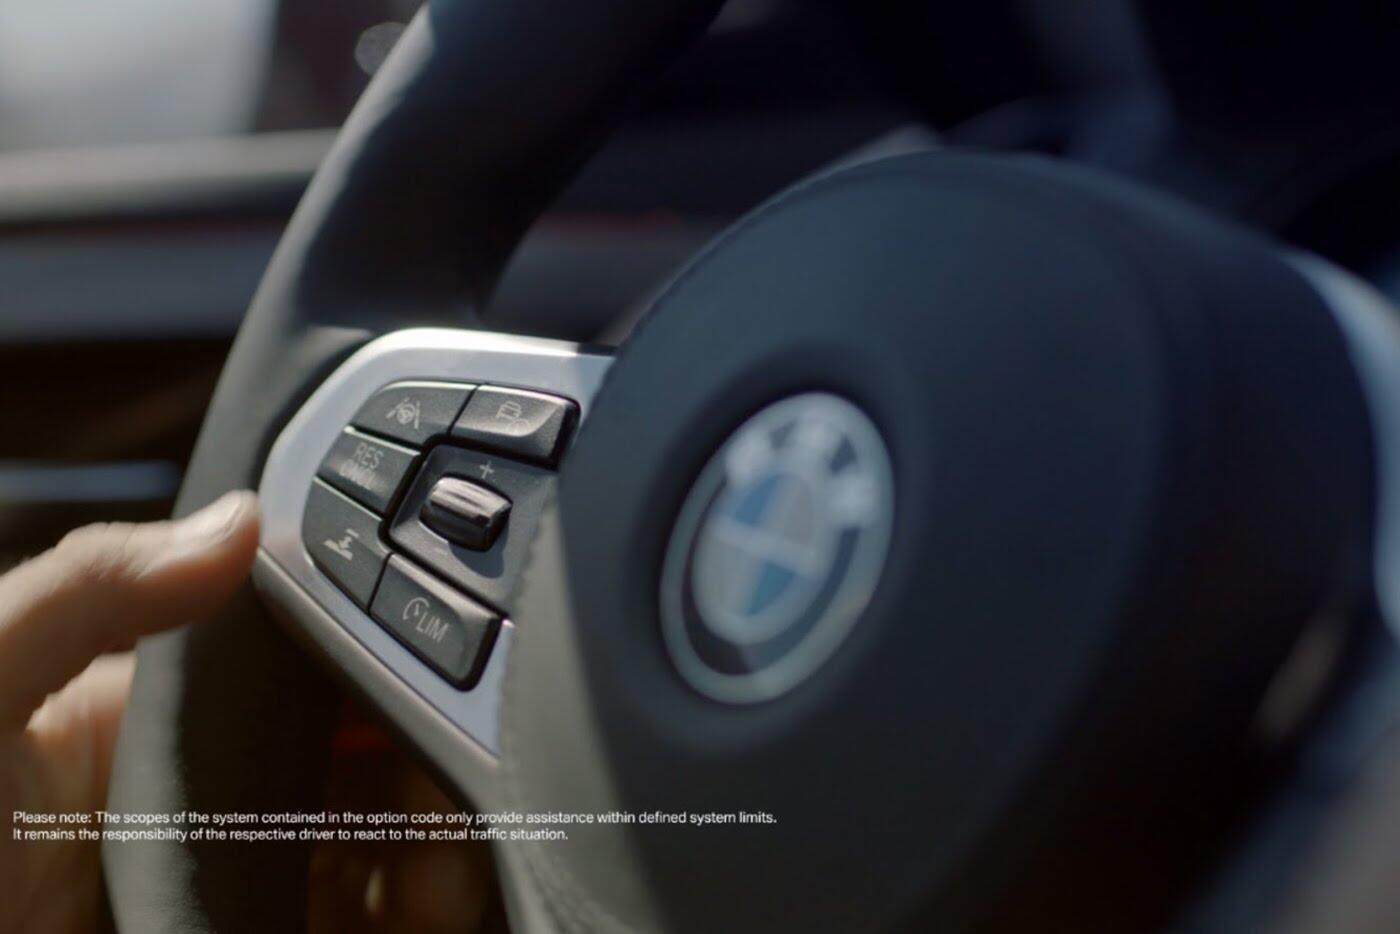 BMW X3 2018 hé lộ những hình ảnh chính thức đầu tiên - Hình 9